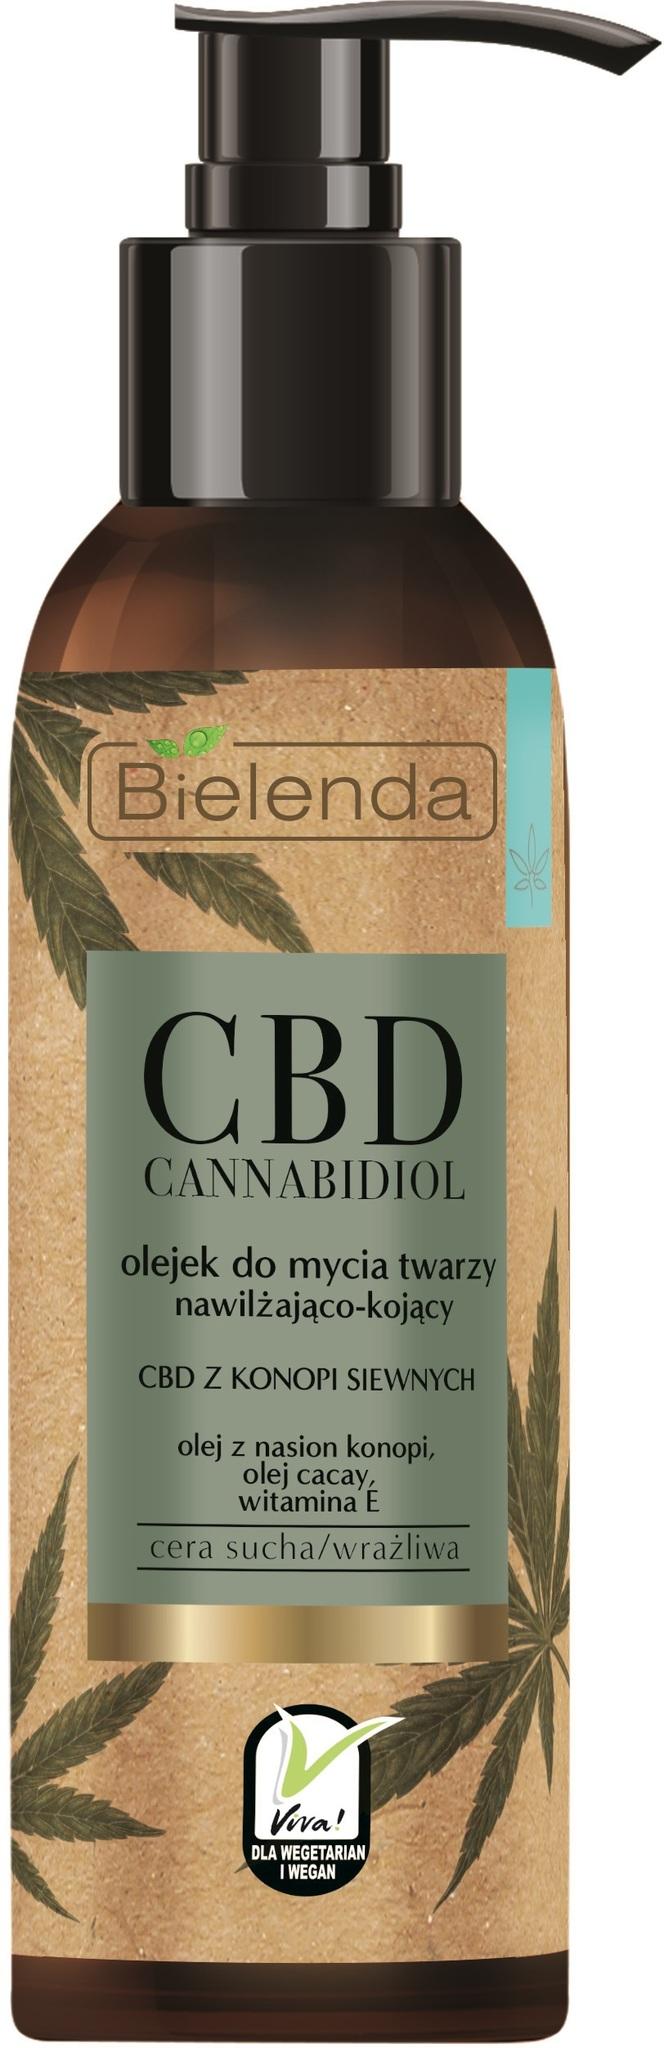 CBD Cannabidiol Гель для очищения лица из конопли для сухой и чувствительной кожи 140ml